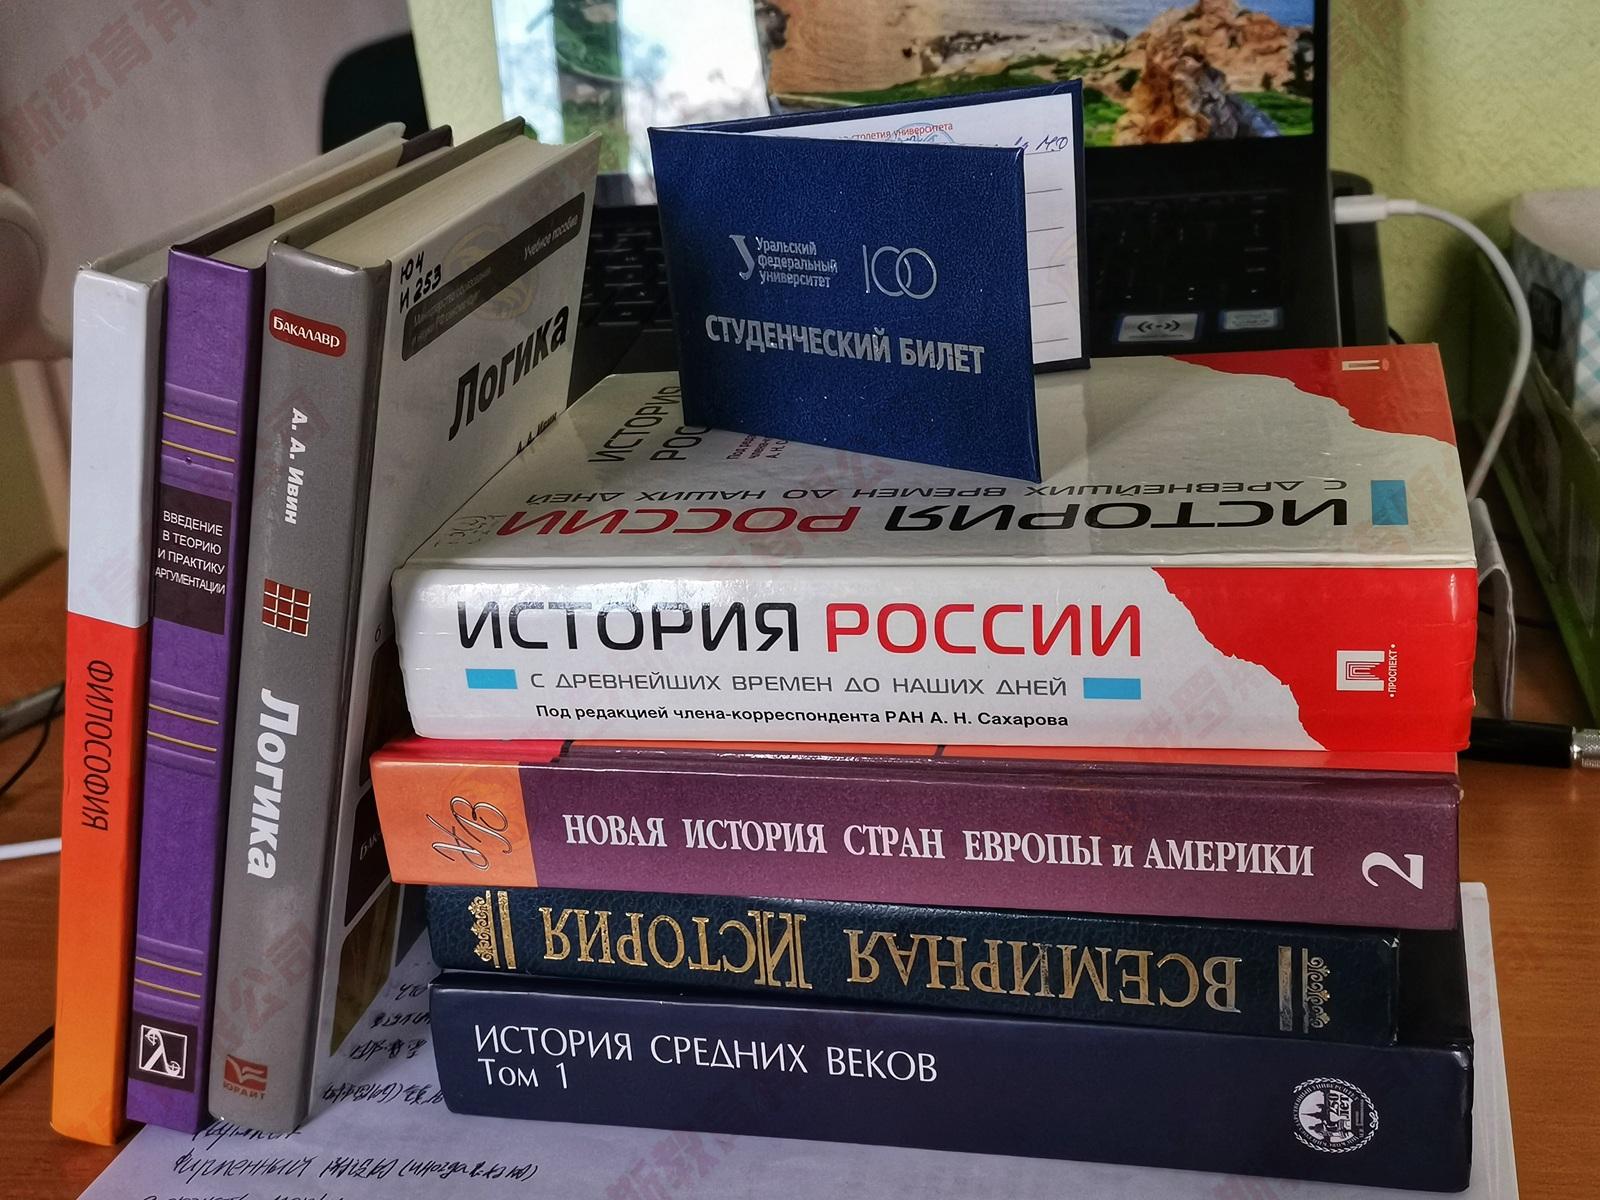 乌拉尔联邦大学学子的留学历程插图13-小狮座俄罗斯留学